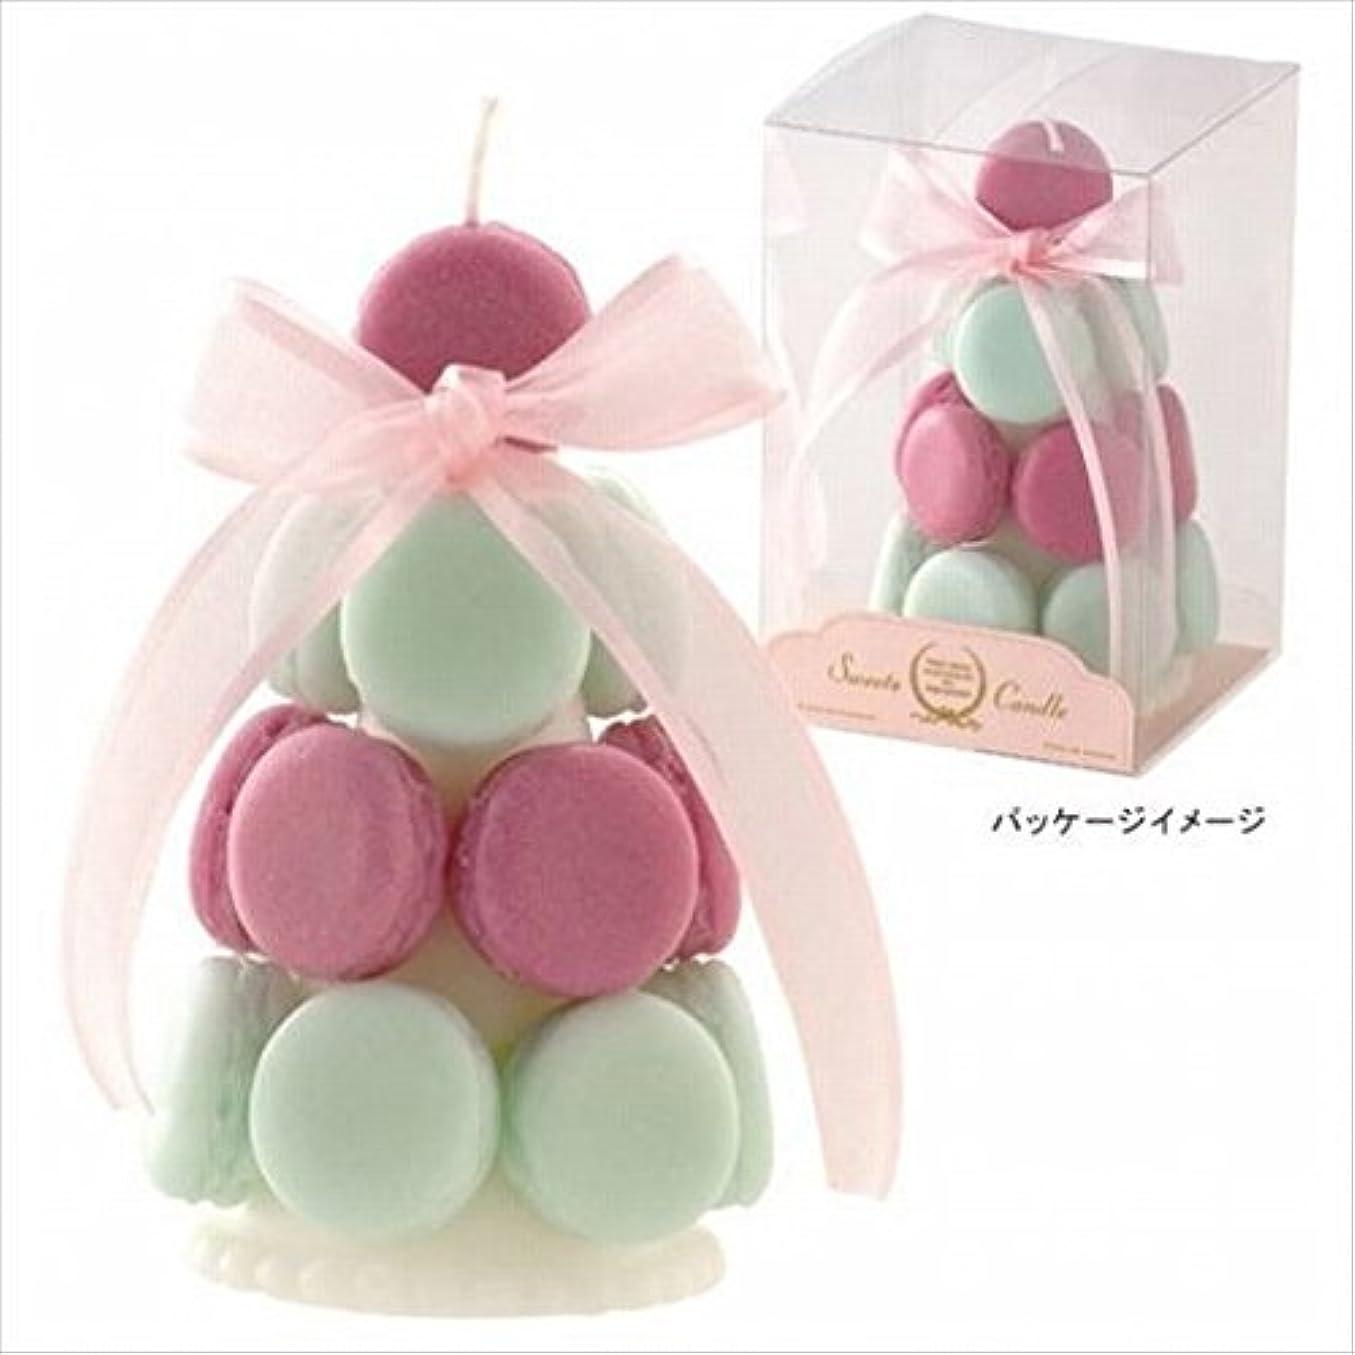 優しさ控えめな退化するkameyama candle(カメヤマキャンドル) ハッピーマカロンタワー 「 メロングリーン 」(A4580520)